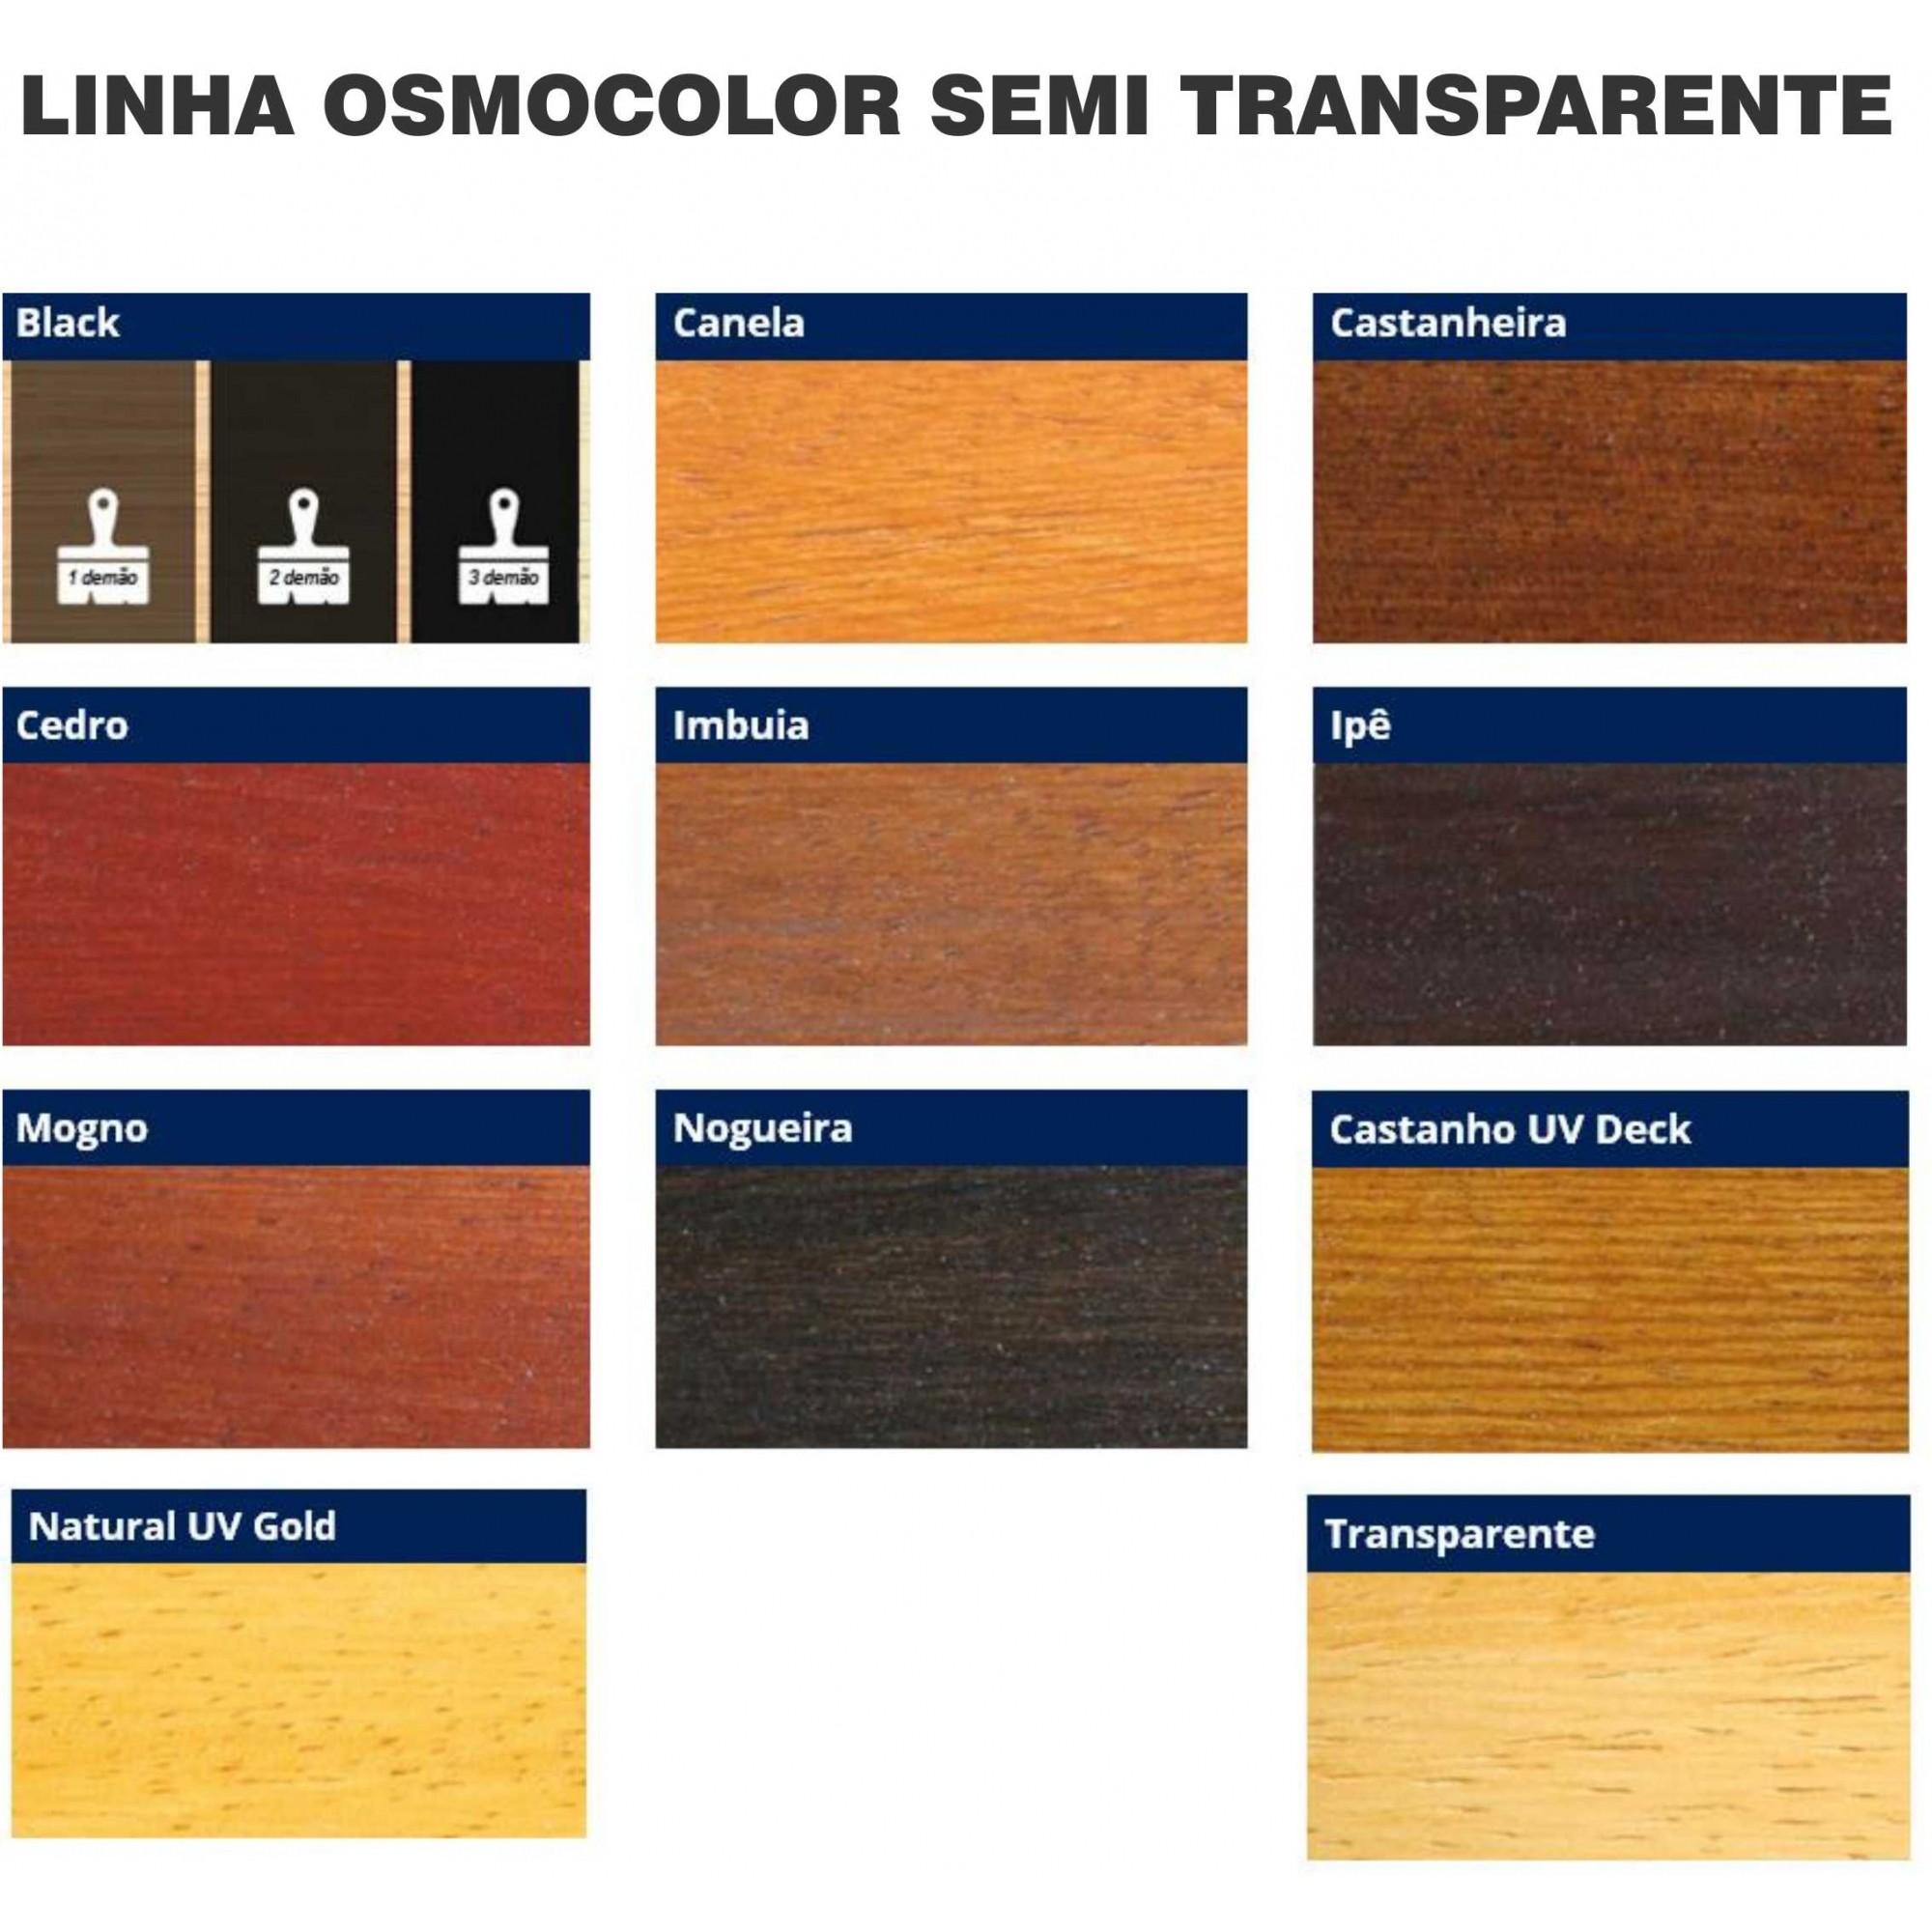 Deck De Madeira Chuveiro Box Banheiro Capacho 135x75 cm Com Pintura NeonX